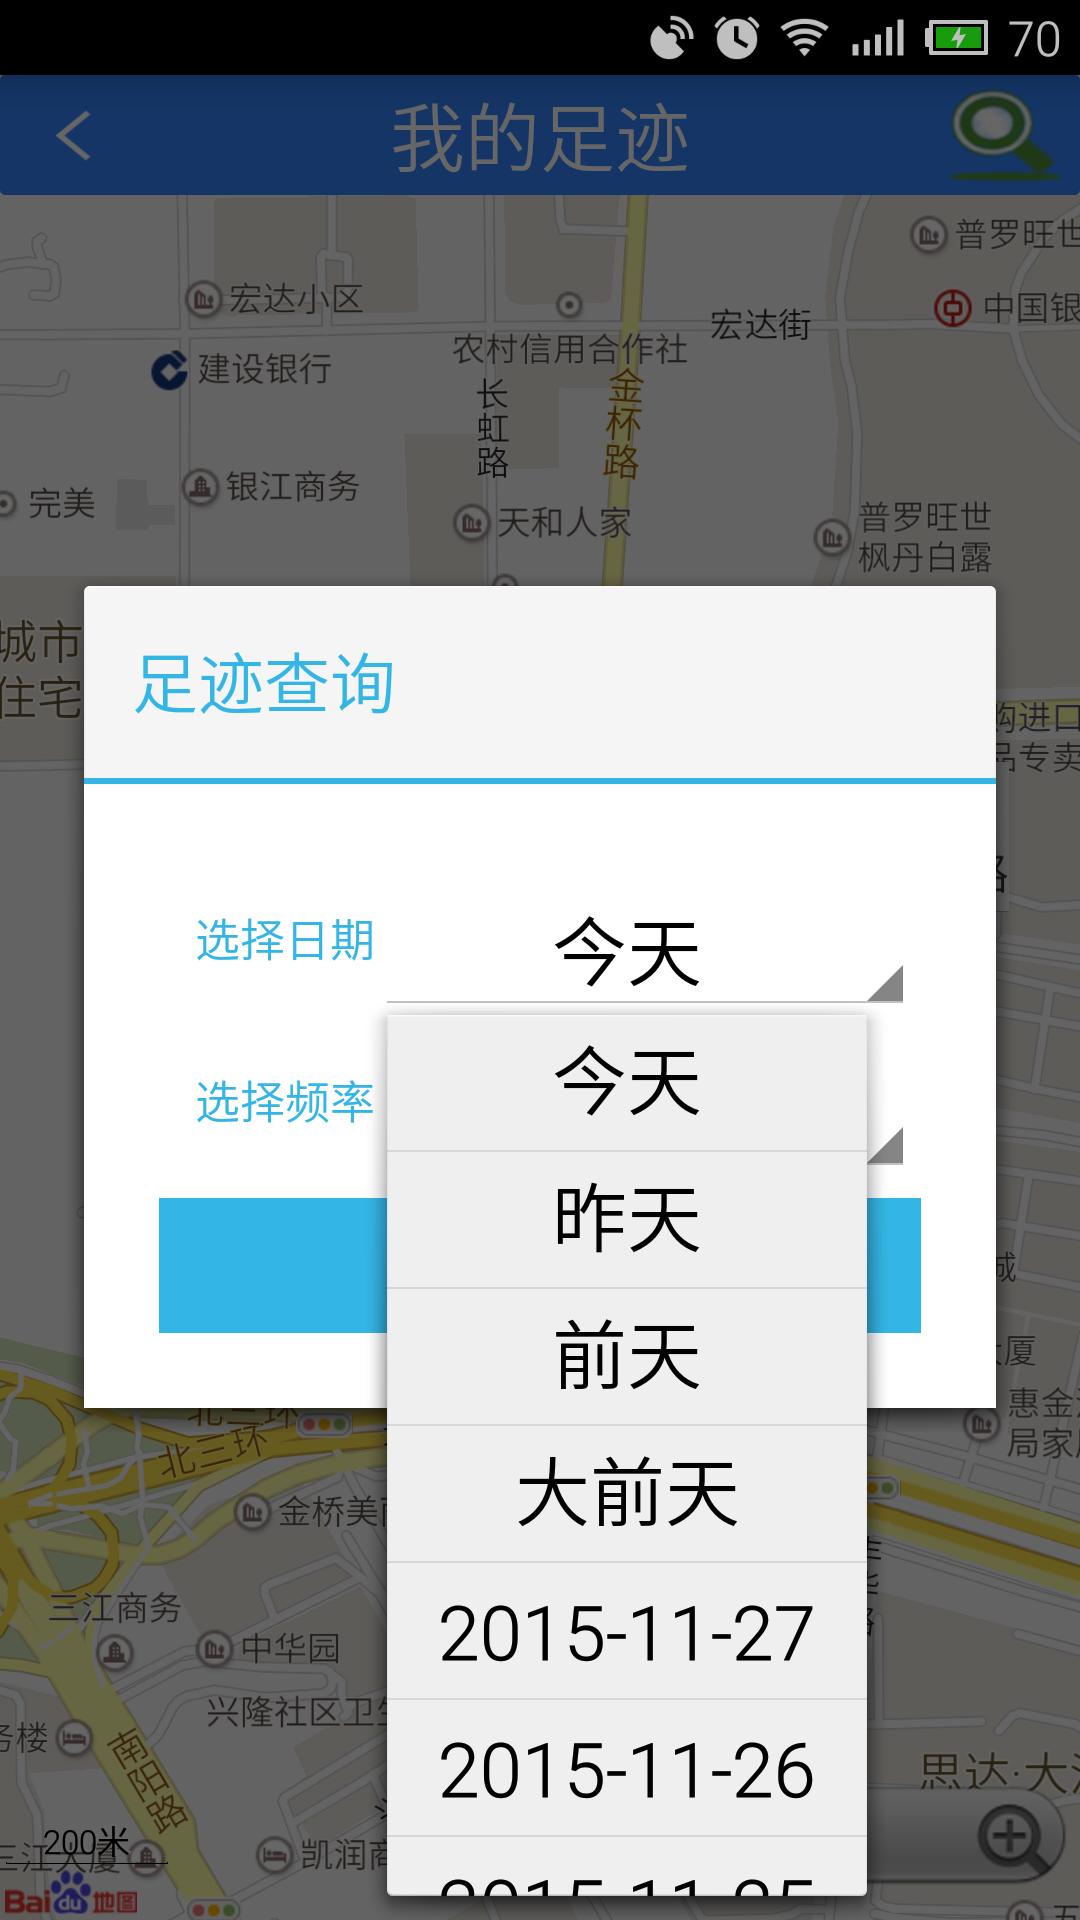 gps手机定位宝下载 gps手机定位宝安卓版v2.1下载